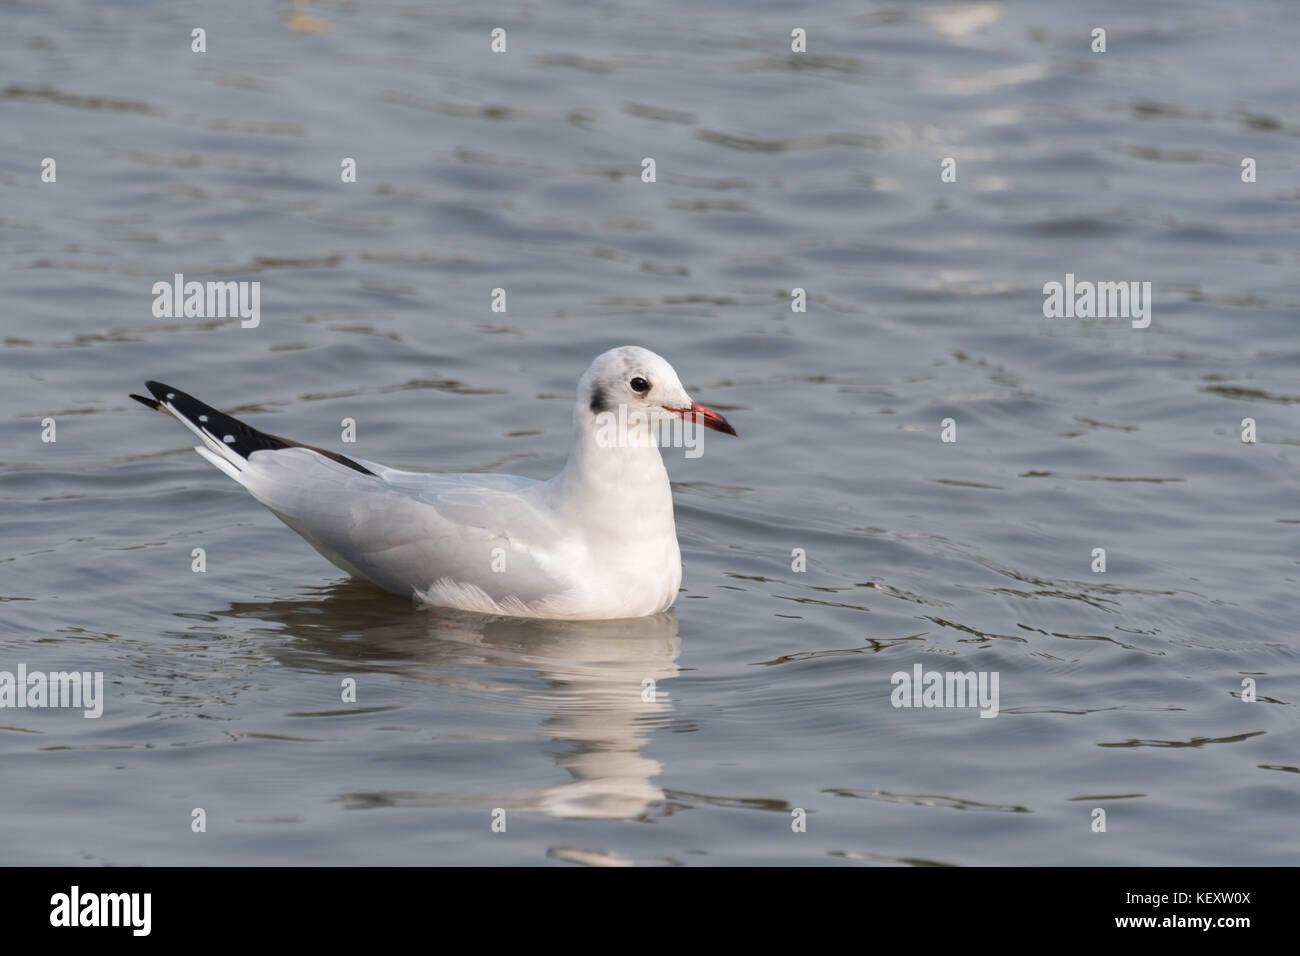 Black Headed Gull - Stock Image